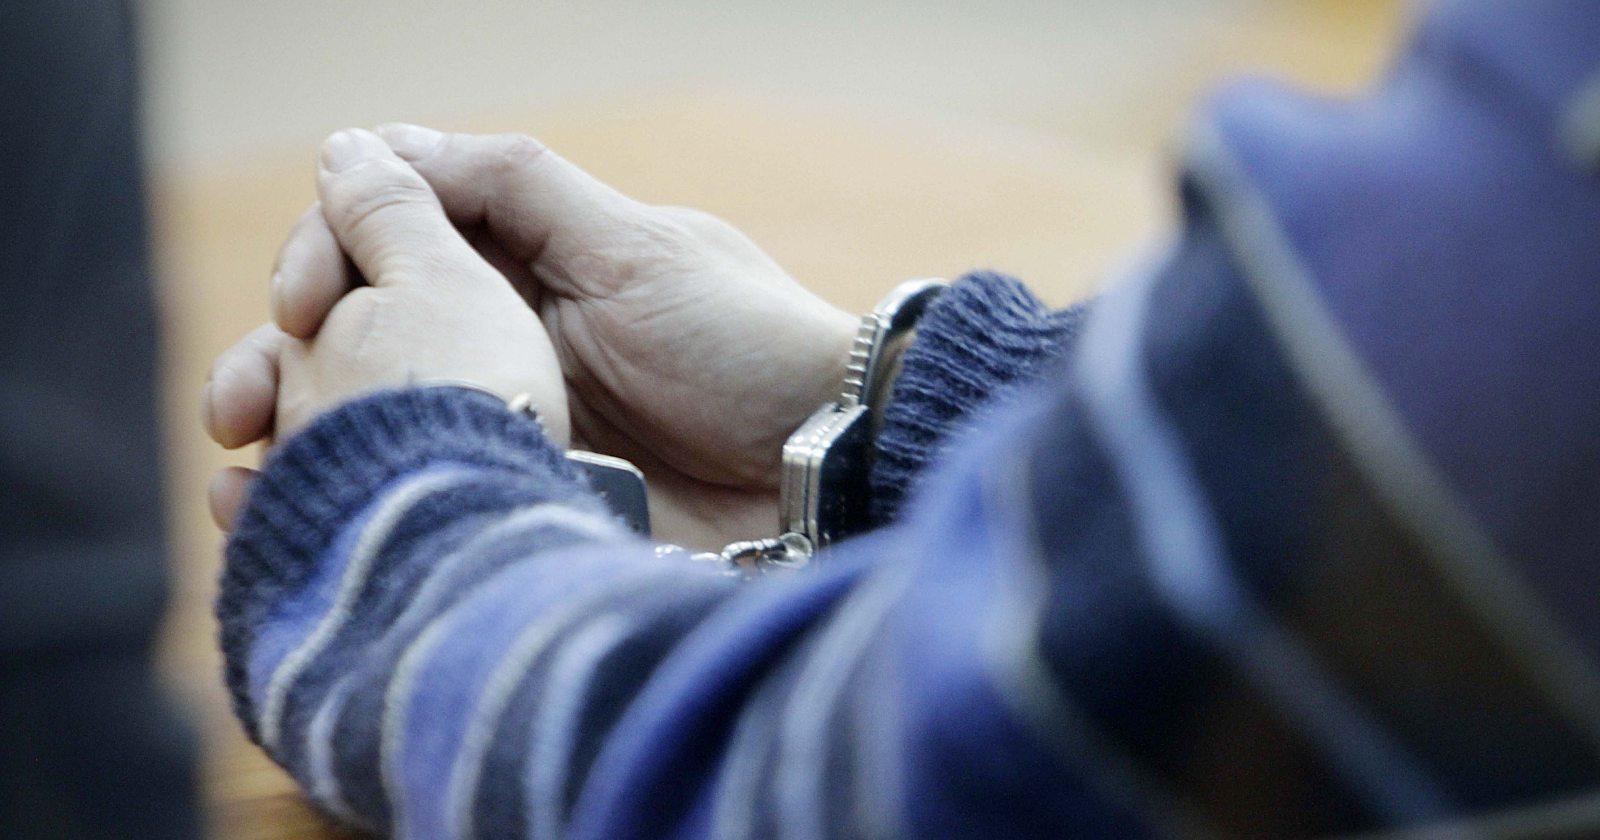 En prisión preventiva quedó acusado de femicidio frustrado en Quillota: fue denunciado por niño de 11 años